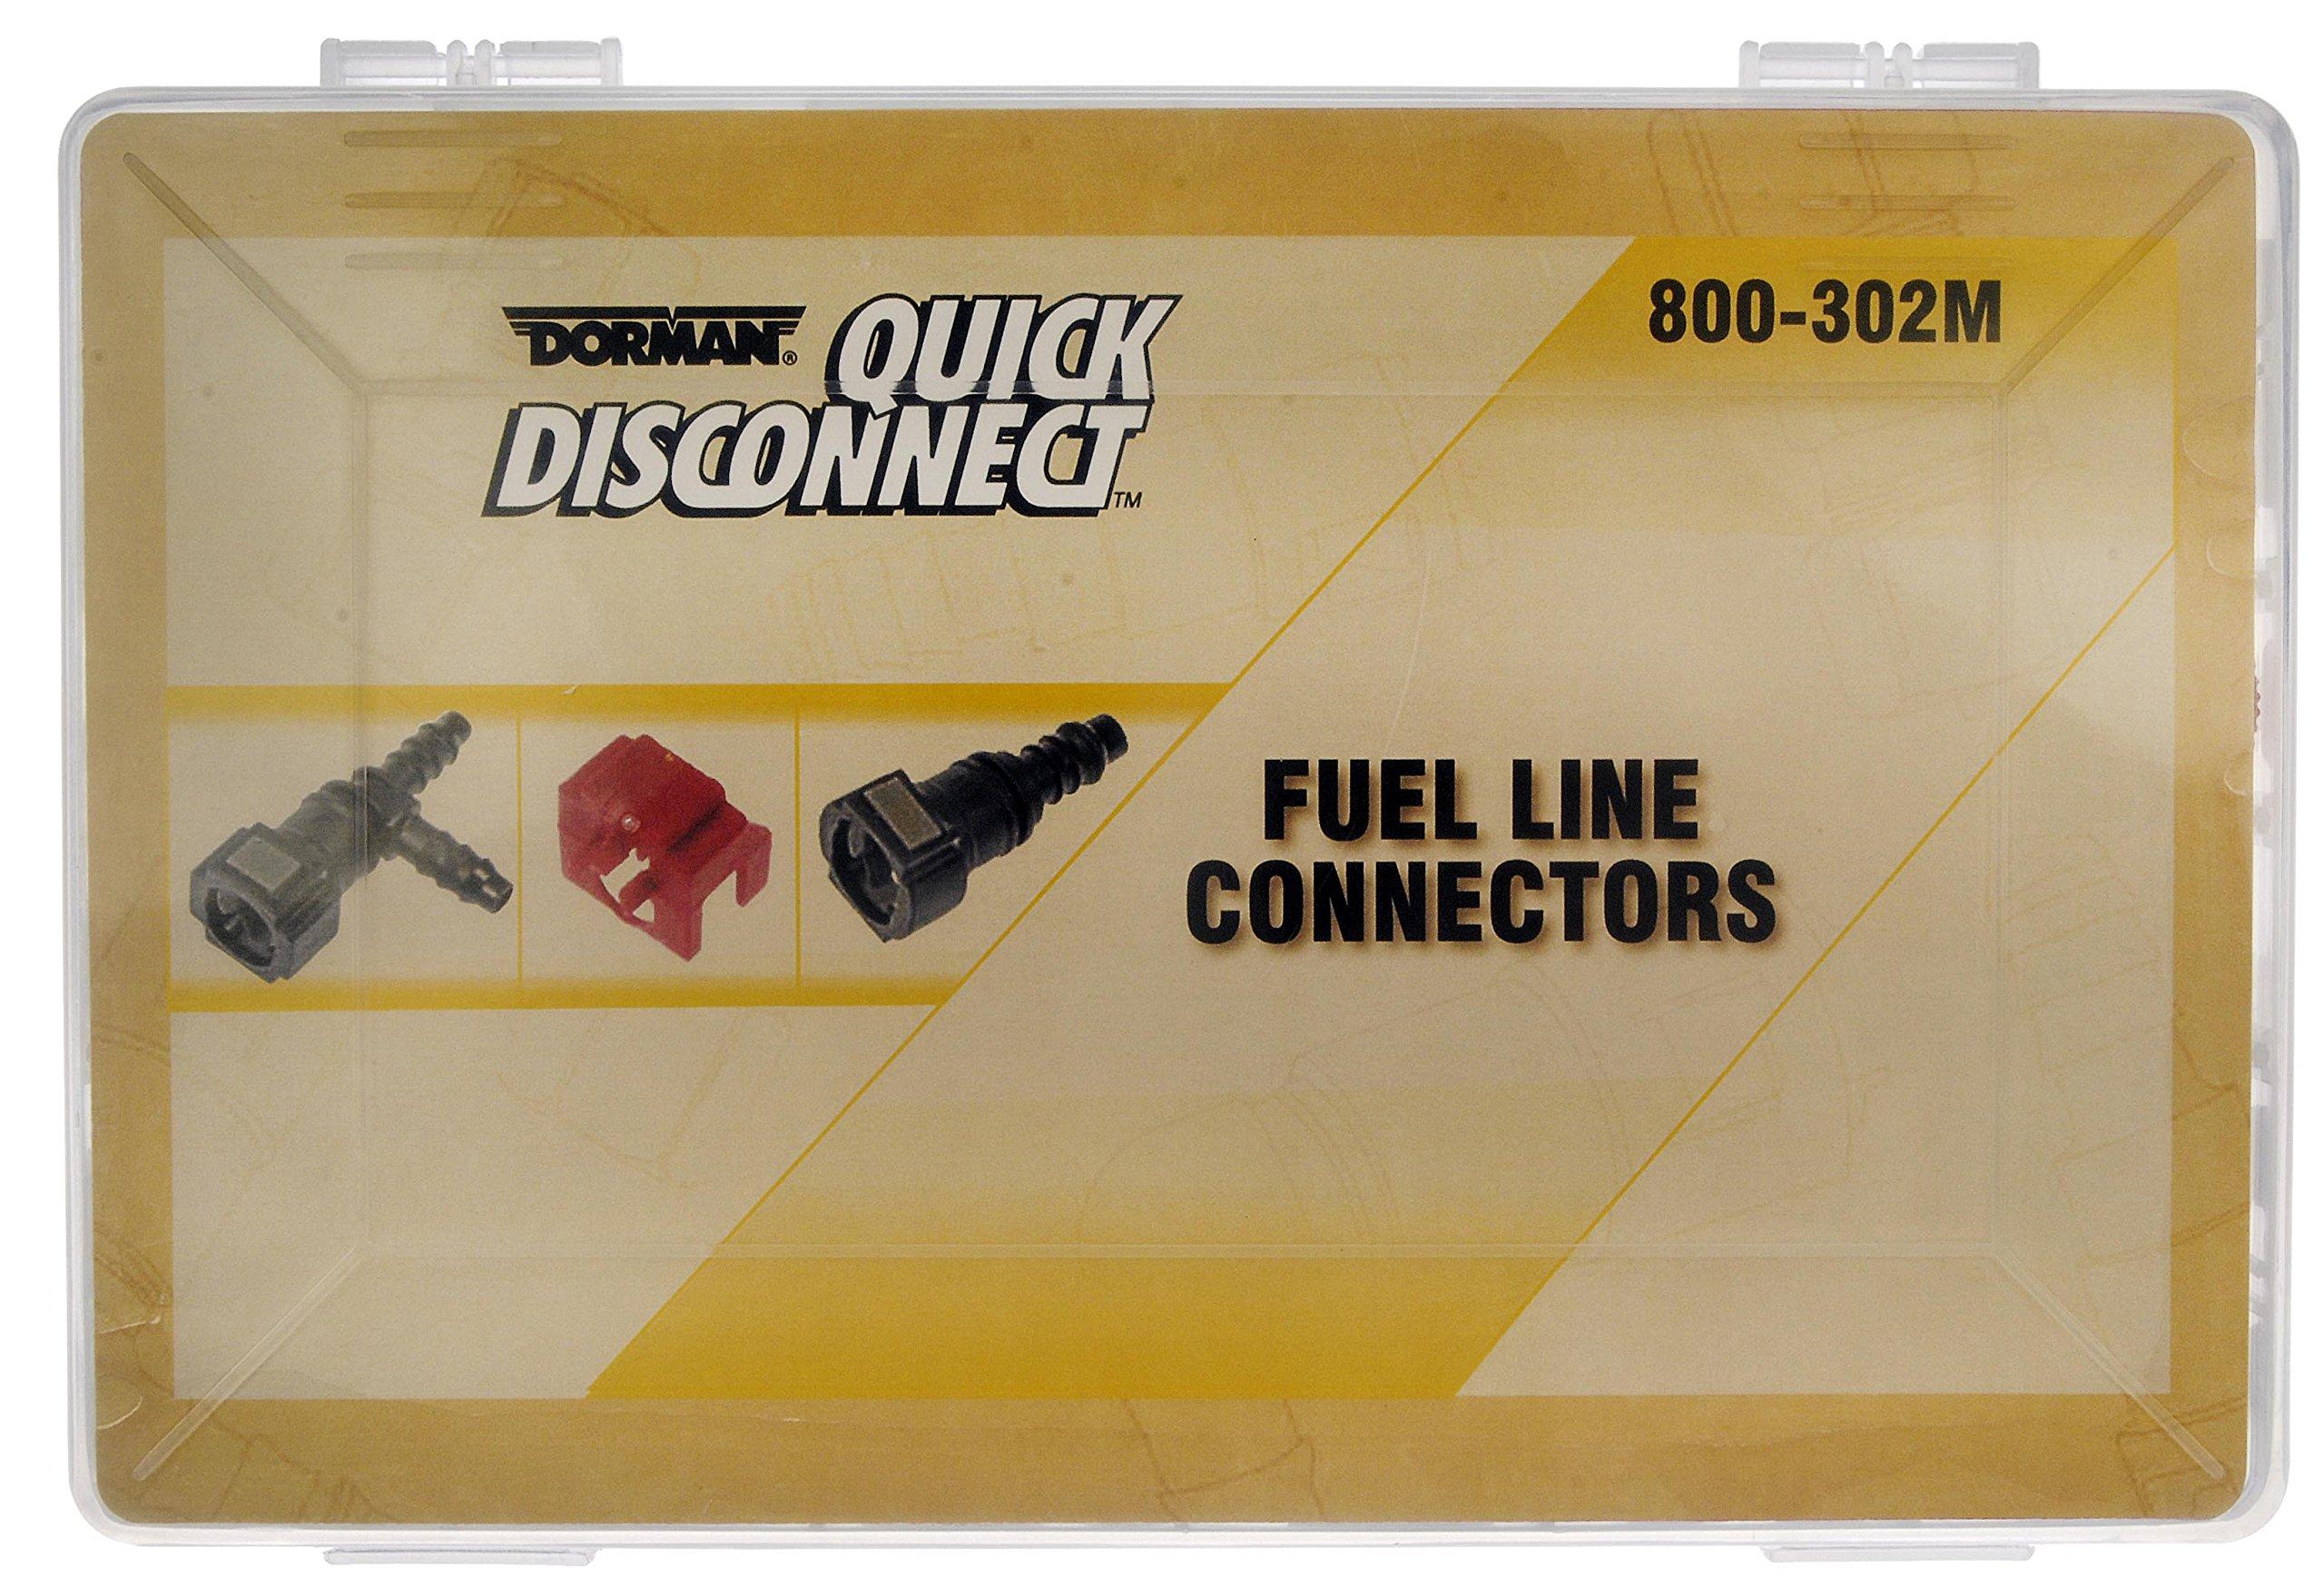 Dorman 800-302M Metric Fuel Connector Tech Tray, 37 Piece by Dorman (Image #3)